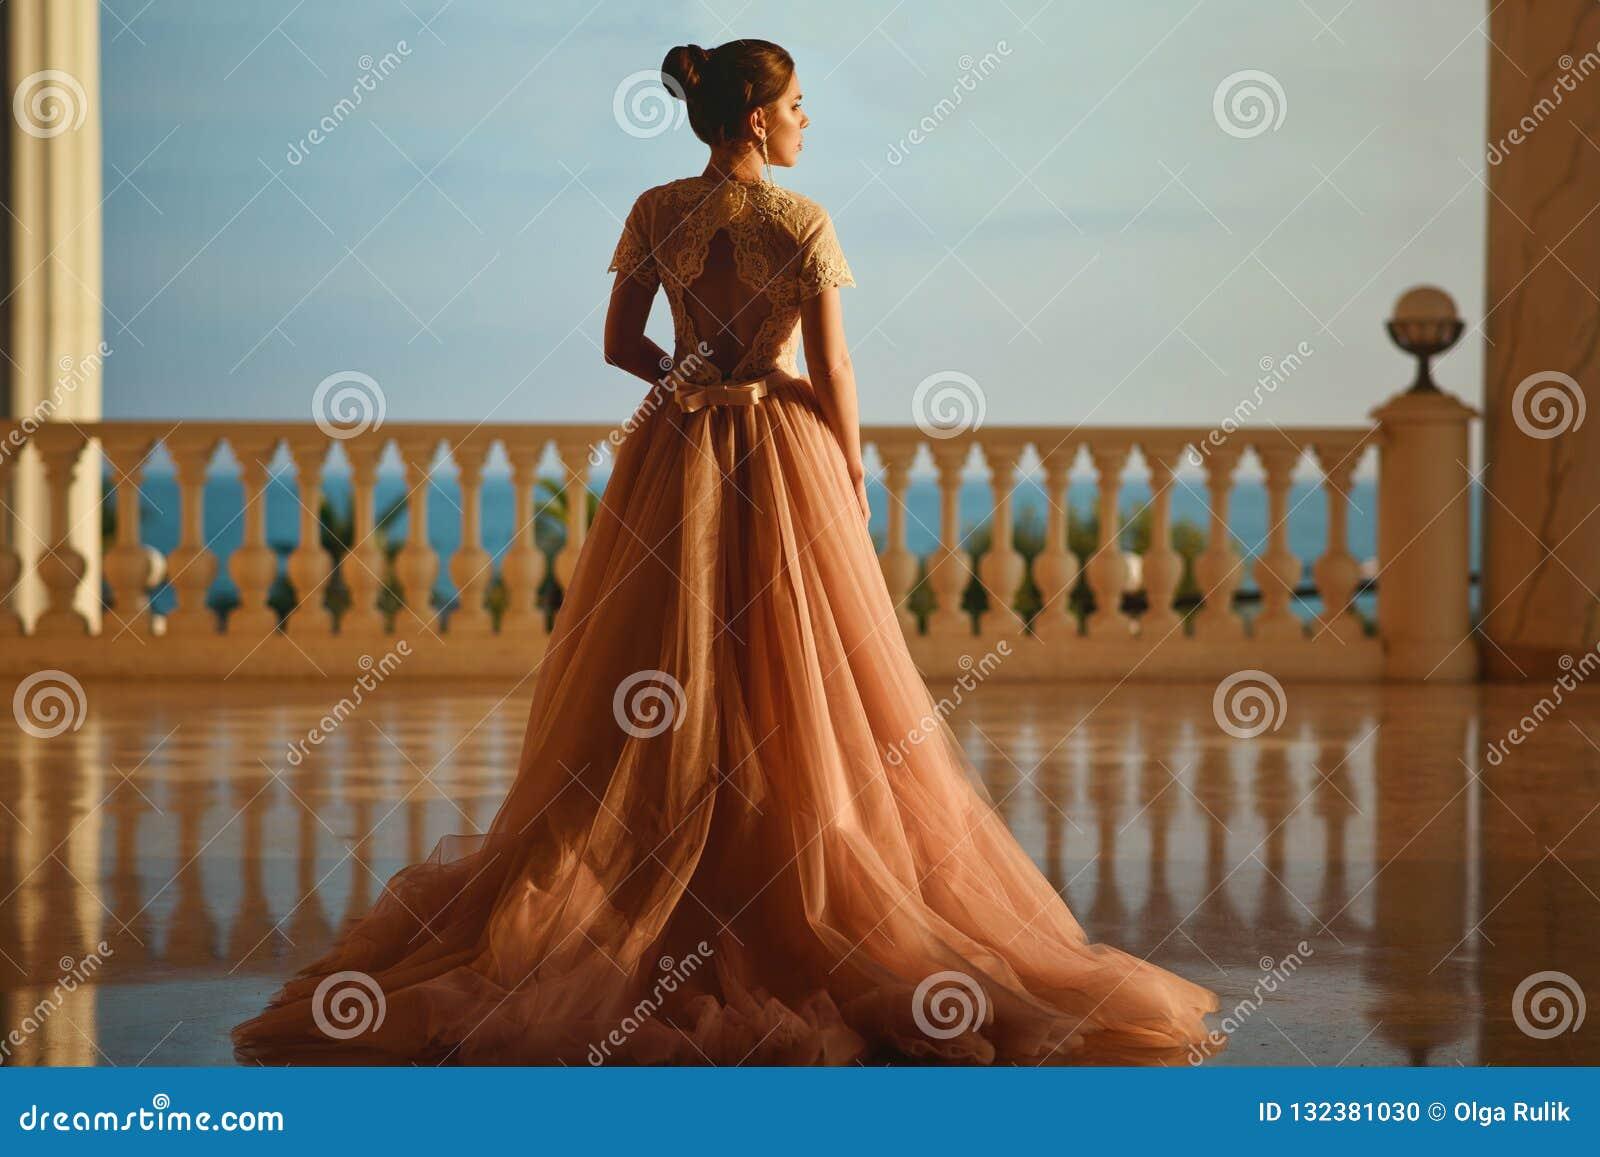 Красивая женщина в роскошном платье бального зала с юбкой Тюль и кружевное верхнее положение на большом балконе с видом на море